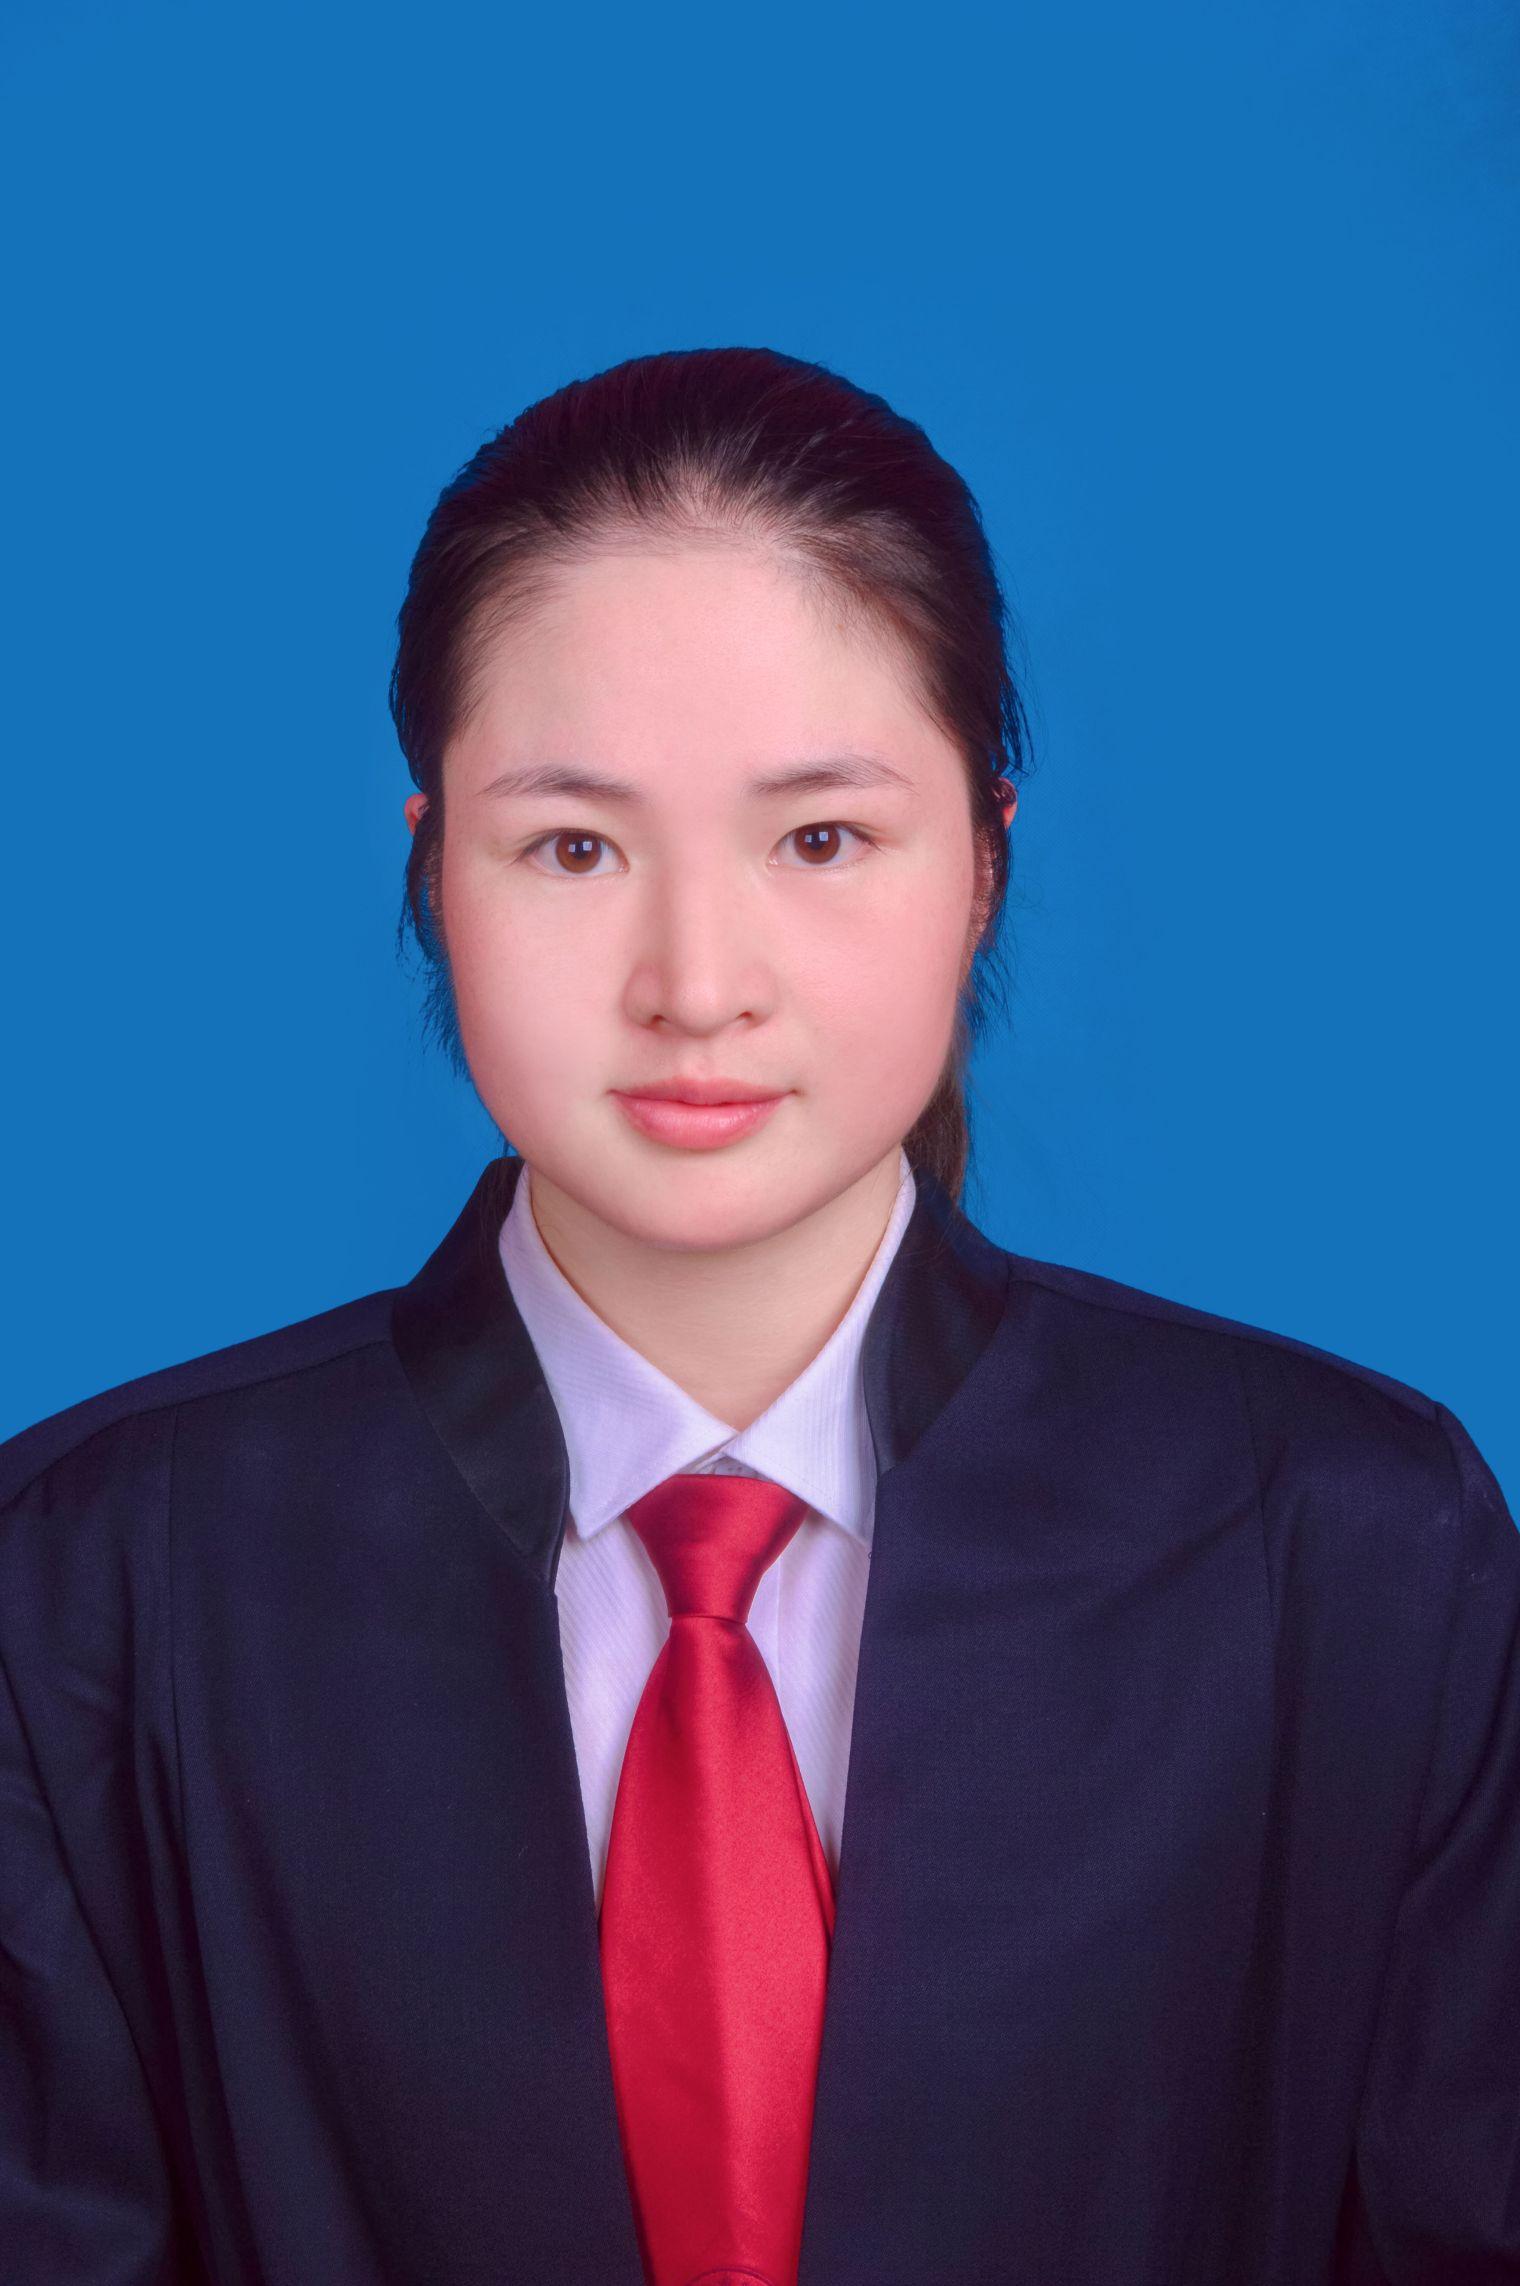 安徽蚌埠禹风律师事务所王月律师电话、简历(图) — 蚌埠律师图片